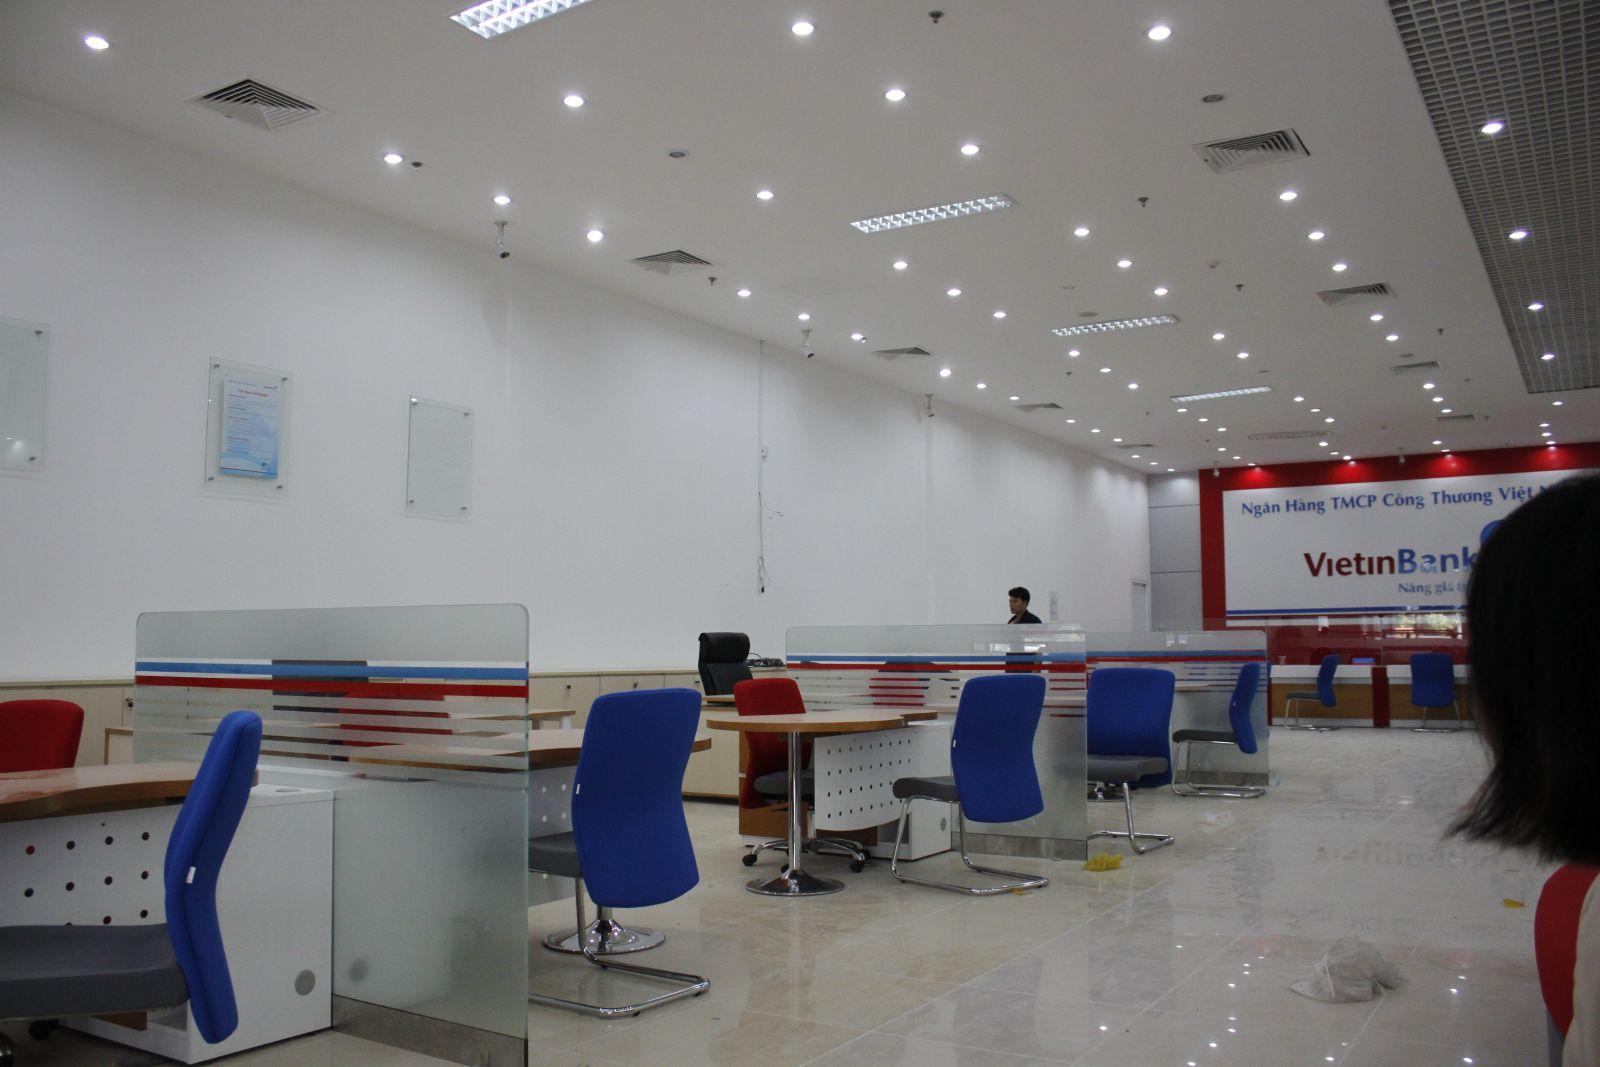 <p class='title-pro'>Vietinbank - Chi nhánh Tân Bình</p><div class='box_info_pro'><div class='title_inf_pro'><span>Chủ đầu tư</span>: Vietinbank Tân Bình</div><div class='title_inf_pro'><span>Vai trò đảm nhận</span>: Nhà thầu Cơ điện - Qua Tổng thầu Minh Giang .,JSC</div><div class='title_inf_pro'><span>Địa điểm</span>: Tây Sơn, Đống Đa, Hà Nội</div><div class='title_inf_pro'><span>Thời gian hoàn thành</span>: Tháng 1-2013</div><p class='box-work'><span>Hạng mục công việc</span>: Cung cấp và thi công lắp đặt hệ thống Điện, điện nhẹ.</p></div>